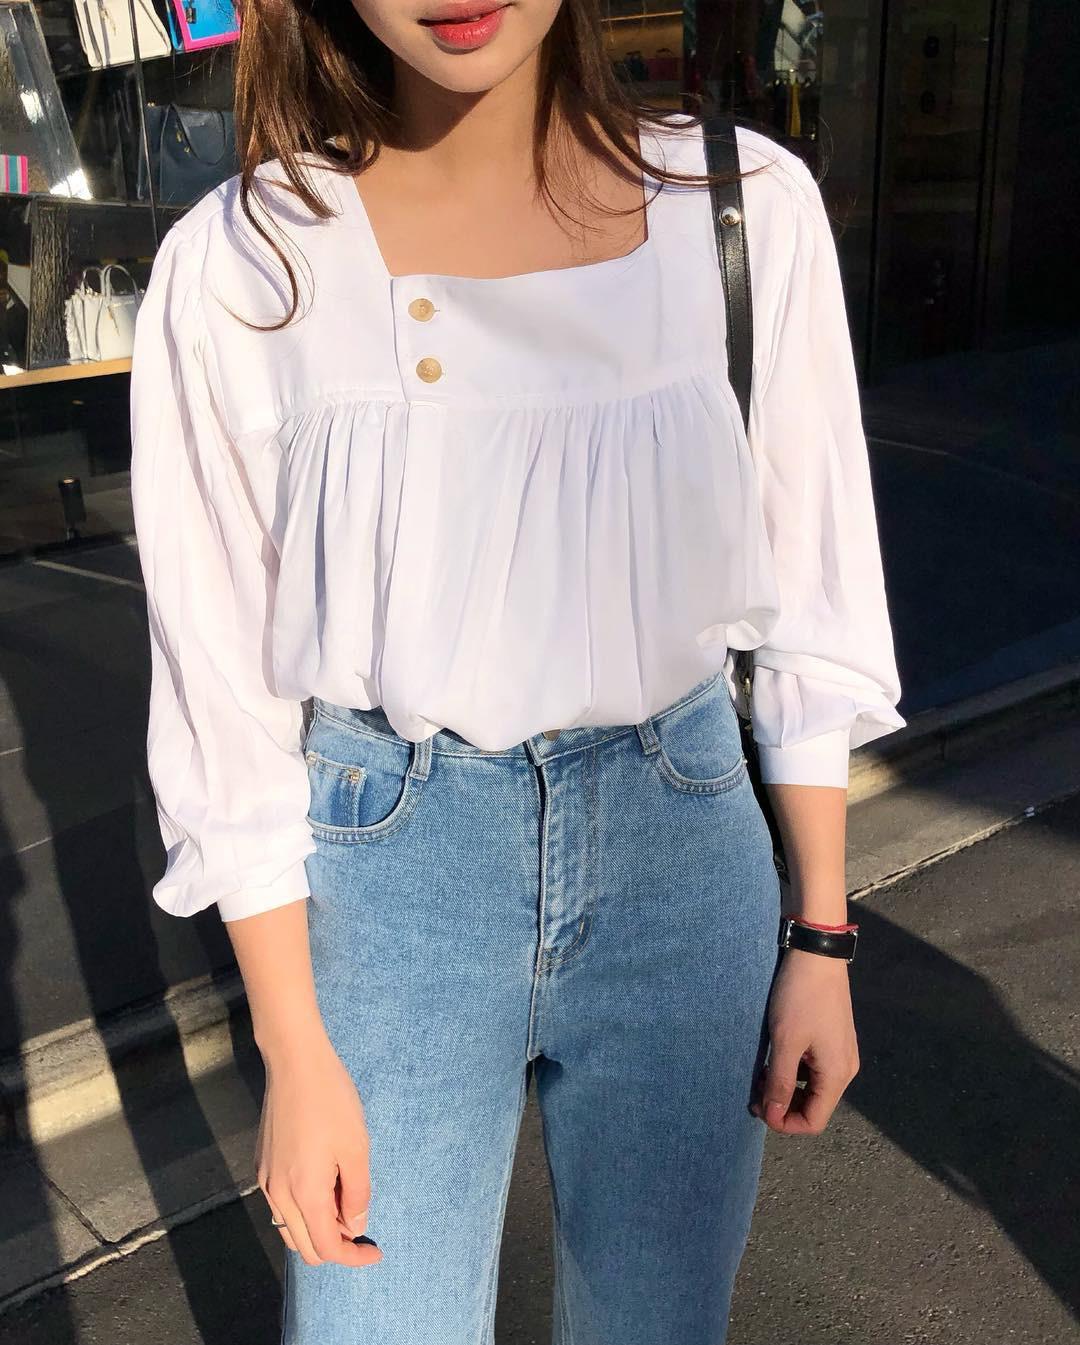 Quên quần áo dày dặn mùa lạnh đi, nàng công sở cứ sắm 5 items này là đủ mặc đẹp từ Xuân sang Hè - Ảnh 2